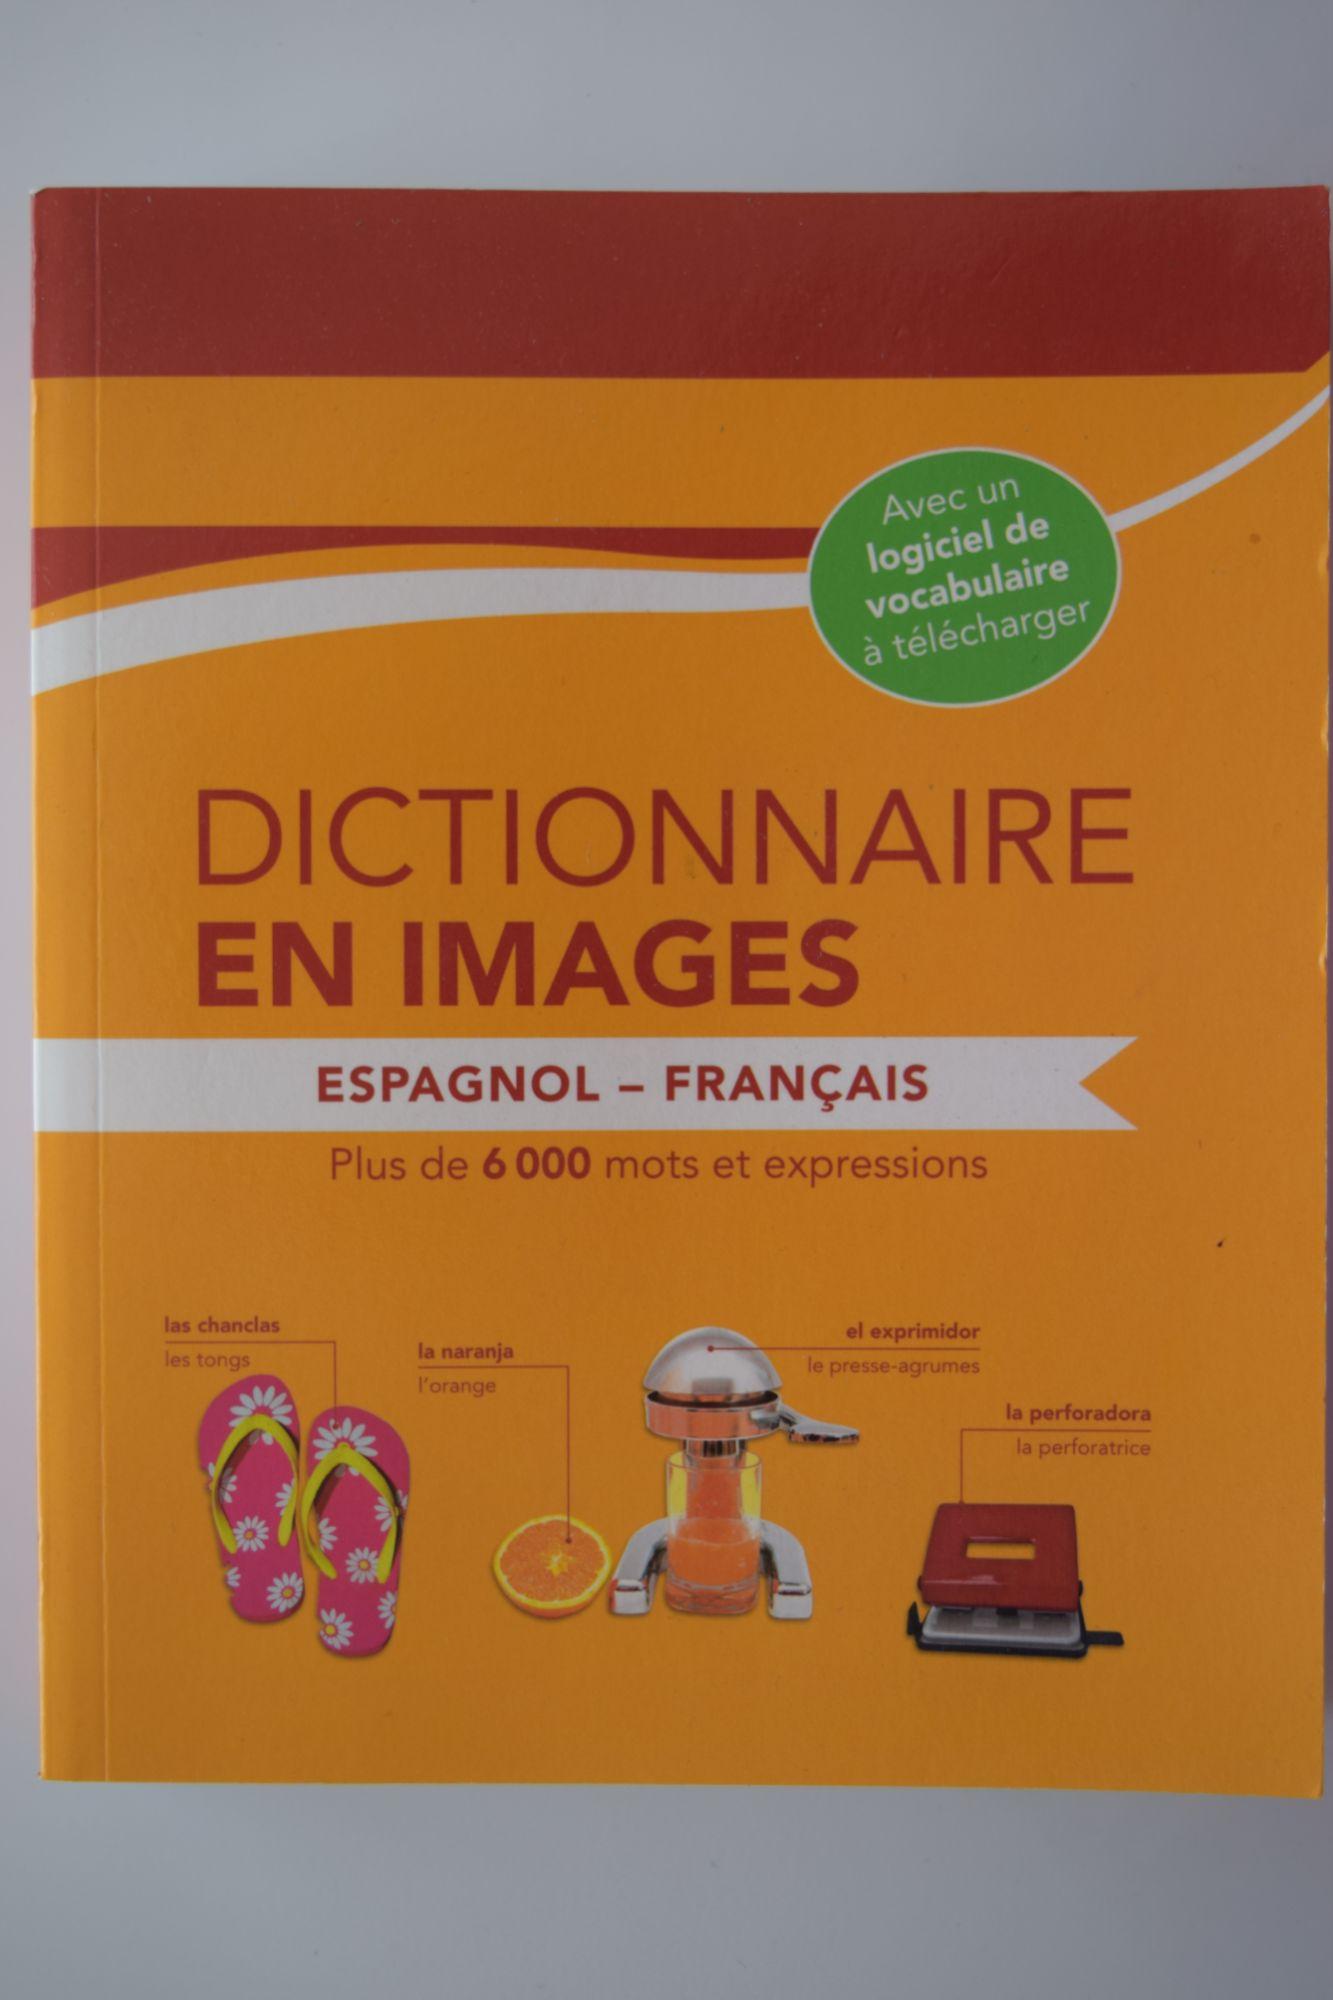 DICTIONNAIRE EN IMAGES ESPAGNOL - FRANCAIS